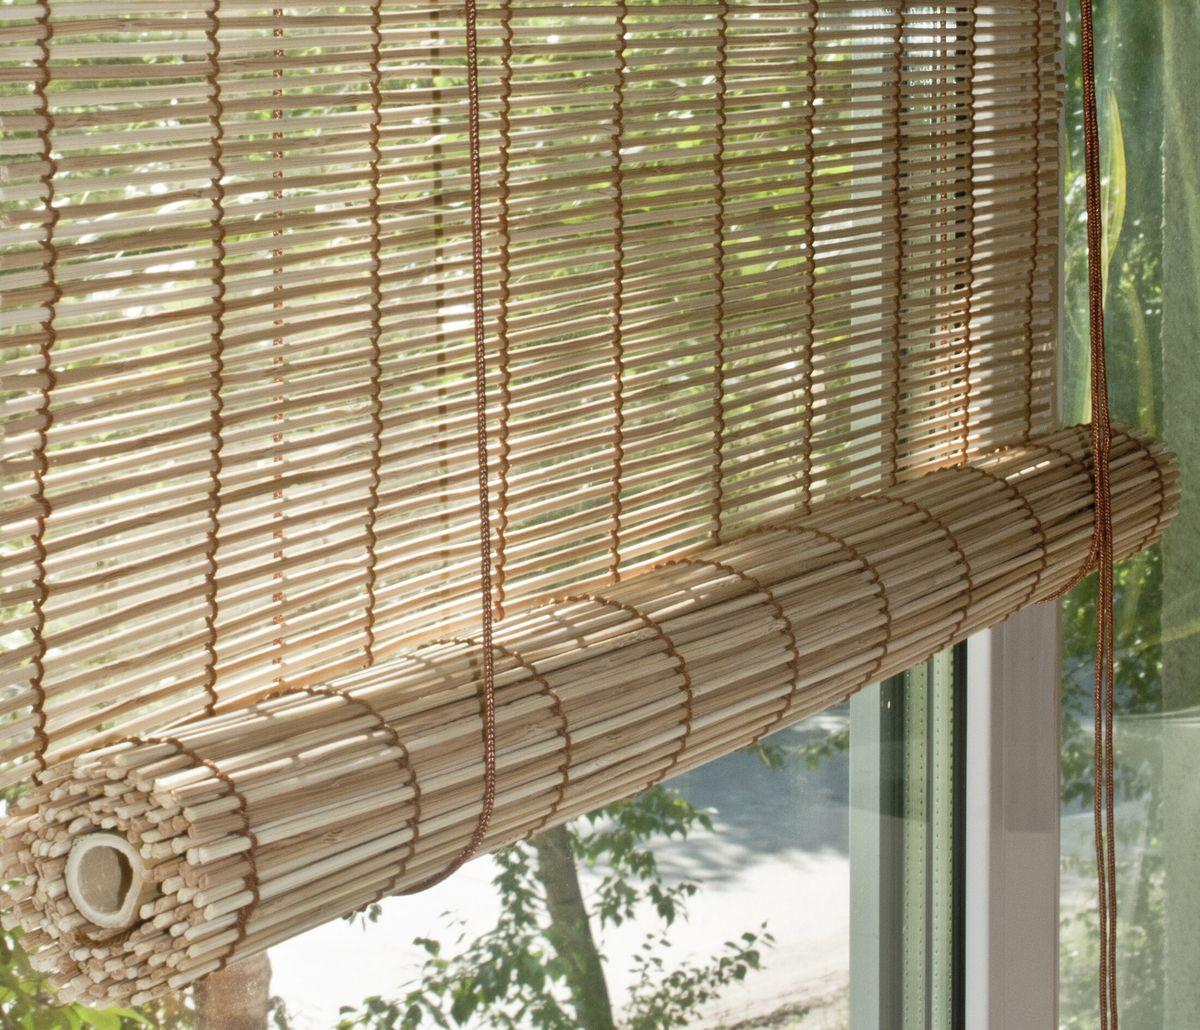 Штора рулонная Эскар Бамбук, цвет: натуральный микс, ширина 100 см, высота 160 см71909100180При оформлении интерьера современных помещений многие отдают предпочтение природным материалам. Бамбуковые рулонные шторы - одно из натуральных изделий, способное сделать атмосферу помещения более уютной и в то же время необычной. Свойства бамбука уникальны: он экологически чист, так как быстро вырастает, благодаря чему не успевает накопить вредные вещества из окружающей среды. Кроме того, растение обладает противомикробным и антибактериальным действием. Занавеси из бамбука безопасно использовать в помещениях, где находятся новорожденные дети и люди, склонные к аллергии. Они незаменимы для тех, кто заботится о своем здоровье и уделяет внимание высокому уровню жизни.Бамбуковые рулонные шторы представляют собой полотно, состоящее из тонких бамбуковых стеблей и сворачиваемое в рулон.Римские бамбуковые шторы, как и тканевые римские шторы, при поднятии образуют крупные складки, которые прекрасно декорируют окно.Особенность устройства полотна позволяет свободно пропускать дневной свет, что обеспечивает мягкое освещение комнаты. Это натуральный влагостойкий материал, который легко вписывается в любой интерьер, хорошо сочетается с различной мебелью и элементами отделки. Использование бамбукового полотна придает помещению необычный вид и визуально расширяет пространство.Помимо внешней красоты, это еще и очень удобные конструкции, экономящие пространство. Изготавливаются они из специальных материалов, устойчивых к внешним воздействиям. Сама штора очень эргономичная, и позволяет изменять визуально пространство в зависимости от потребностей владельца.